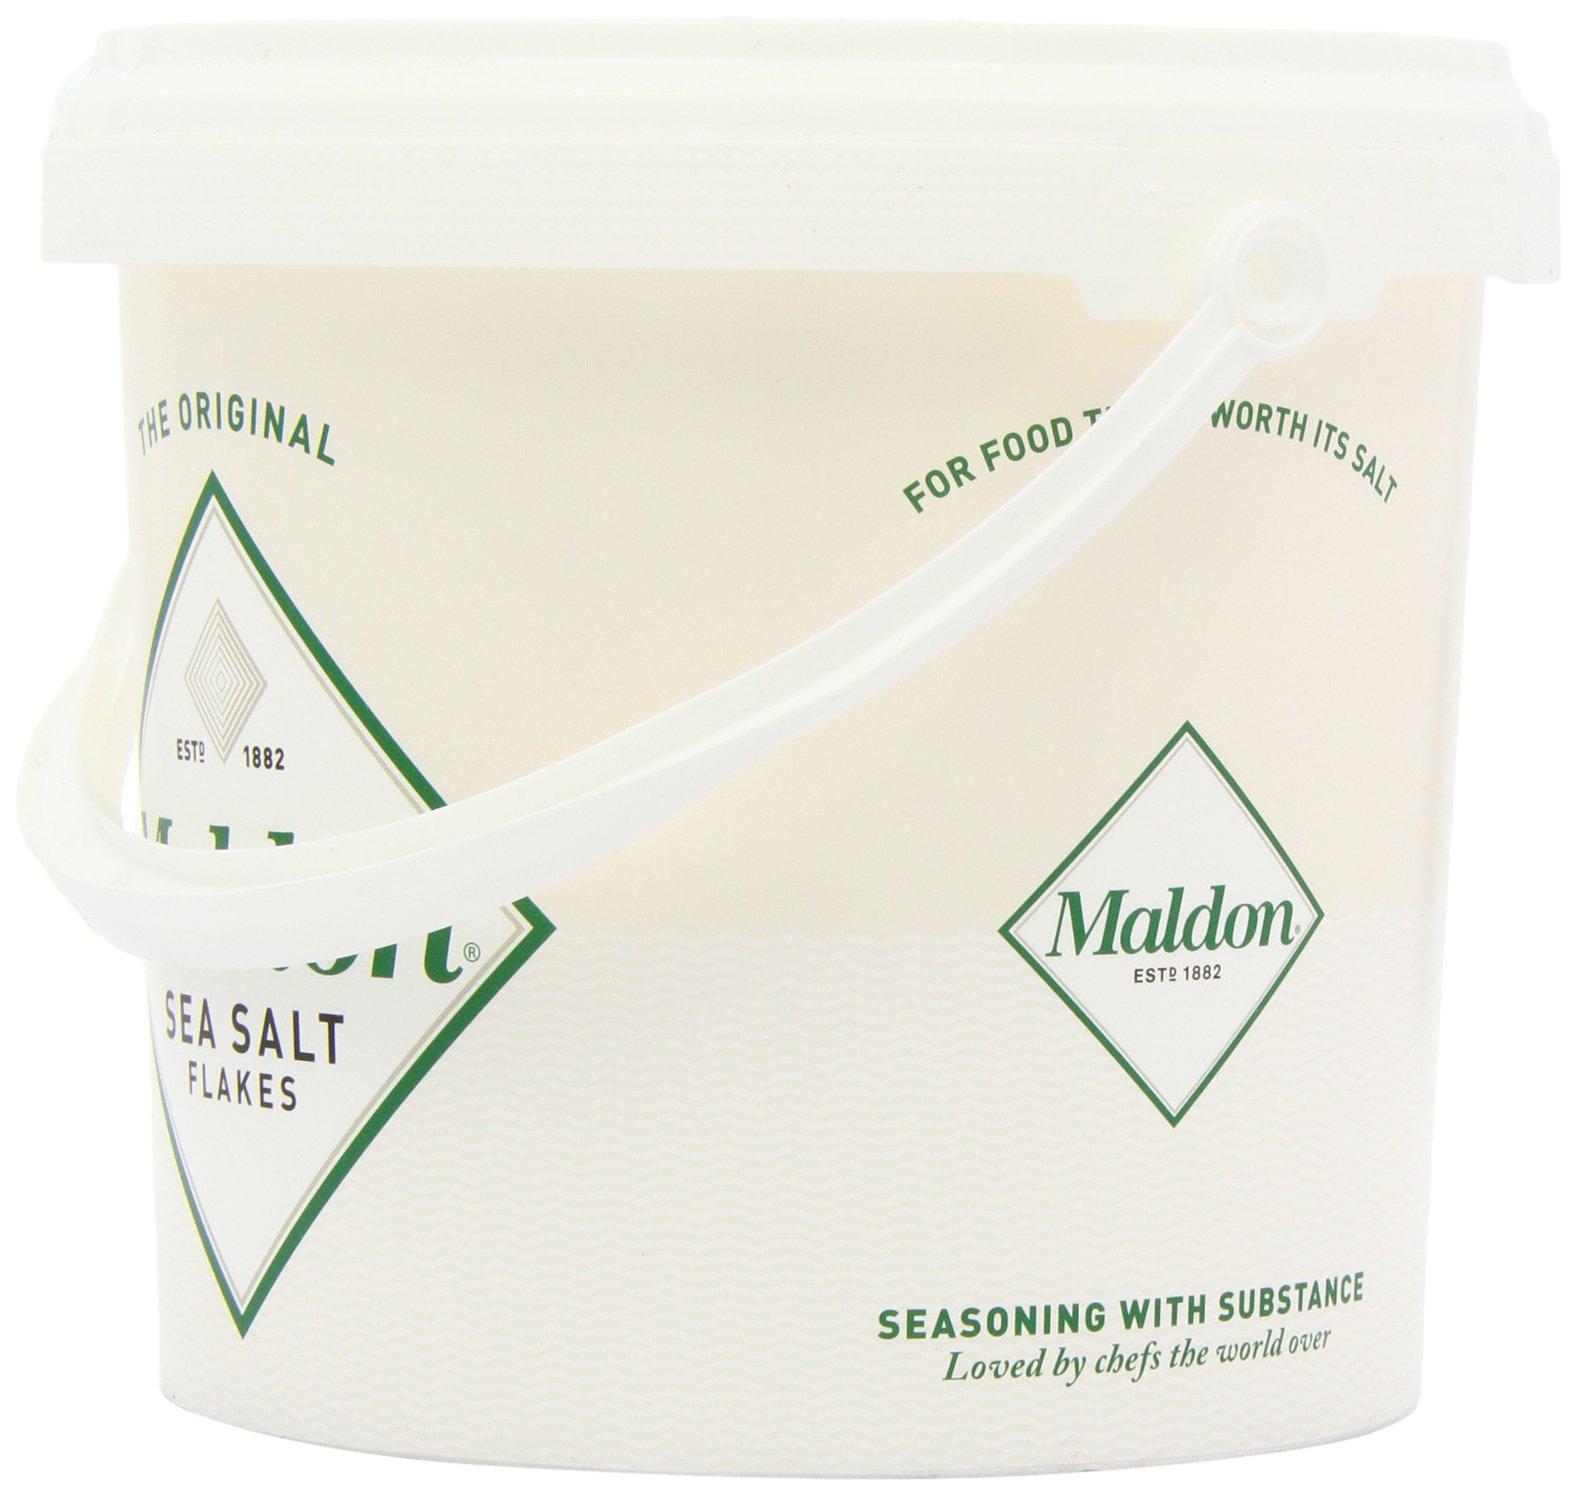 Maldon Sea Salt Flakes 1.5kg/3.3lbs Tub by Salt Traders (Image #5)